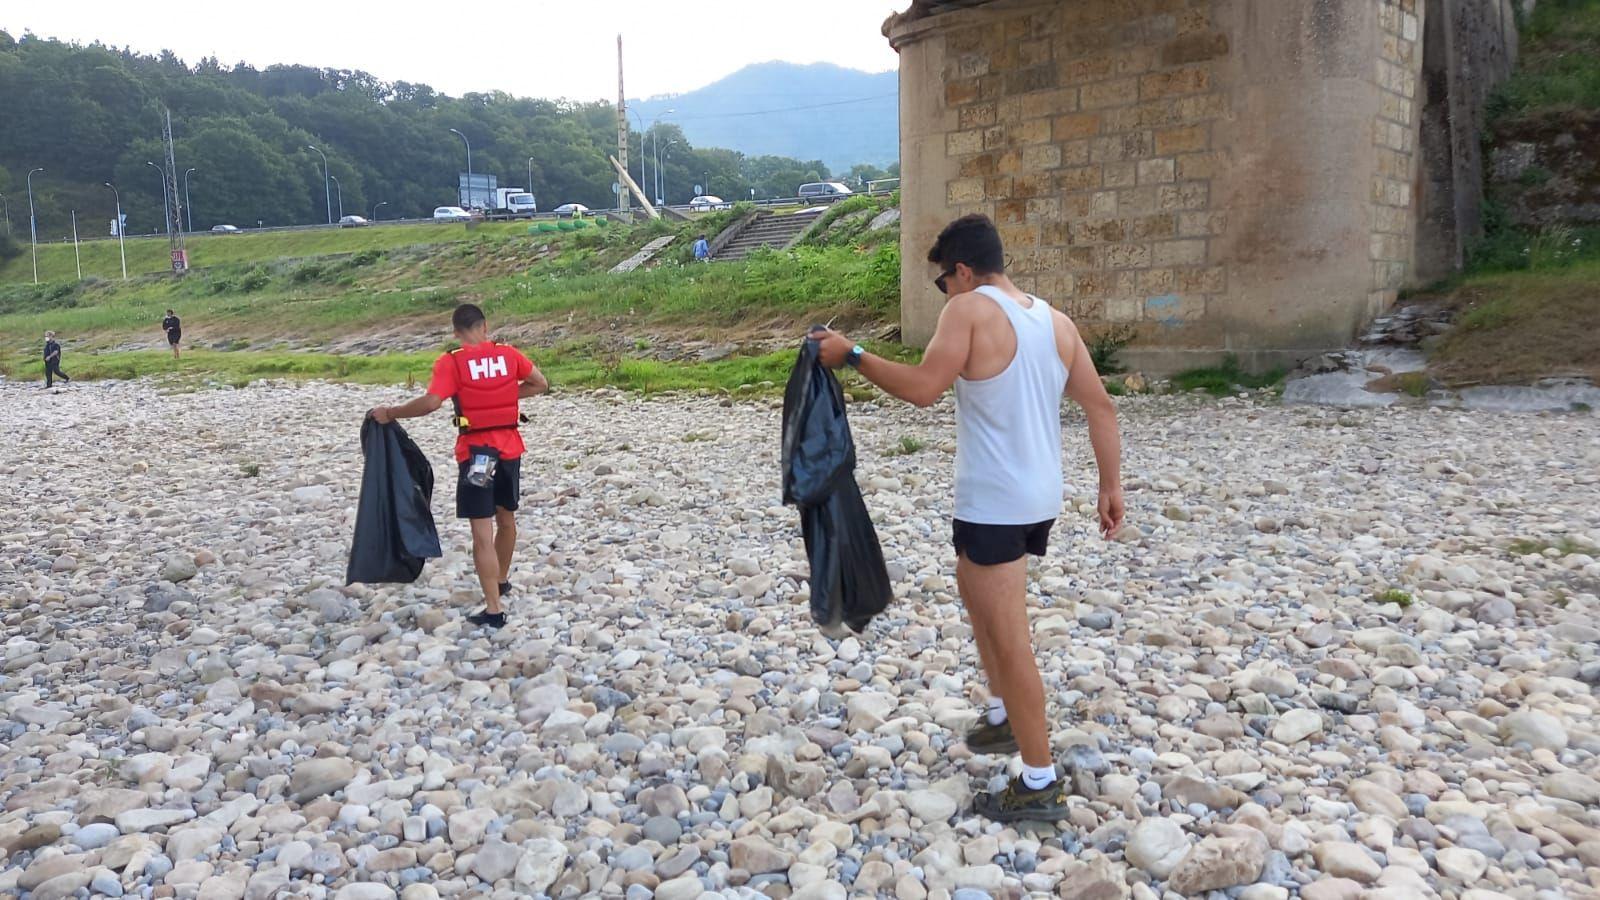 Jornada de limpieza en el Sella